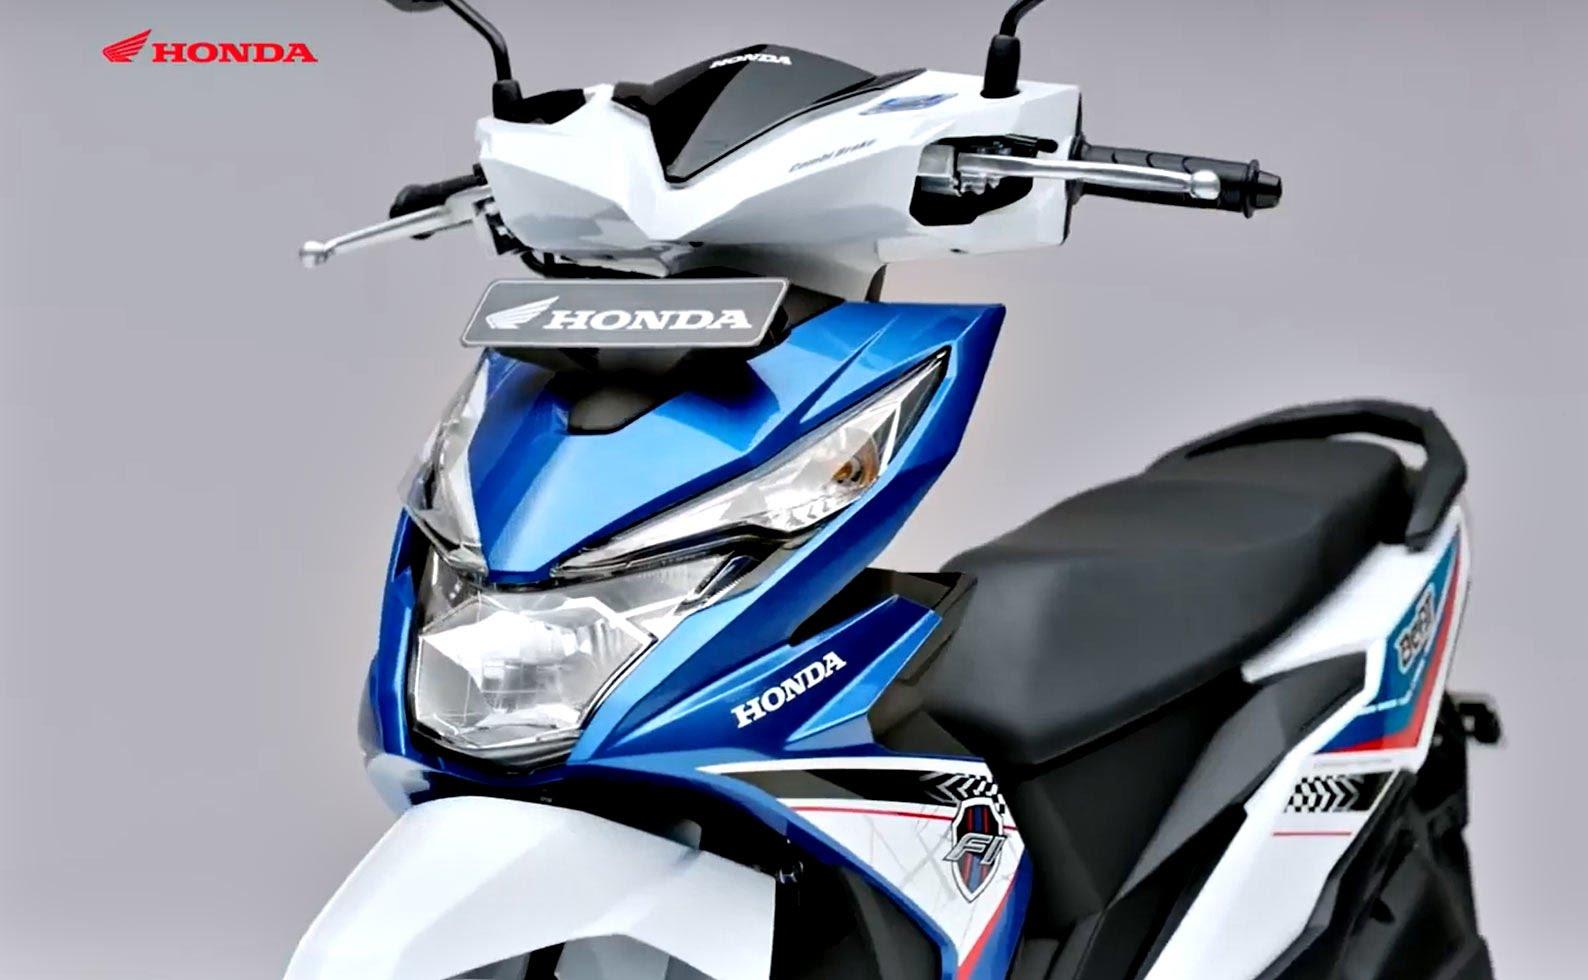 Harga Motor Vario 125 Bekas Tahun 2010 New Esp Cbs Sonic White Red Kab Semarang N Honda Dan Beat Baru 2018